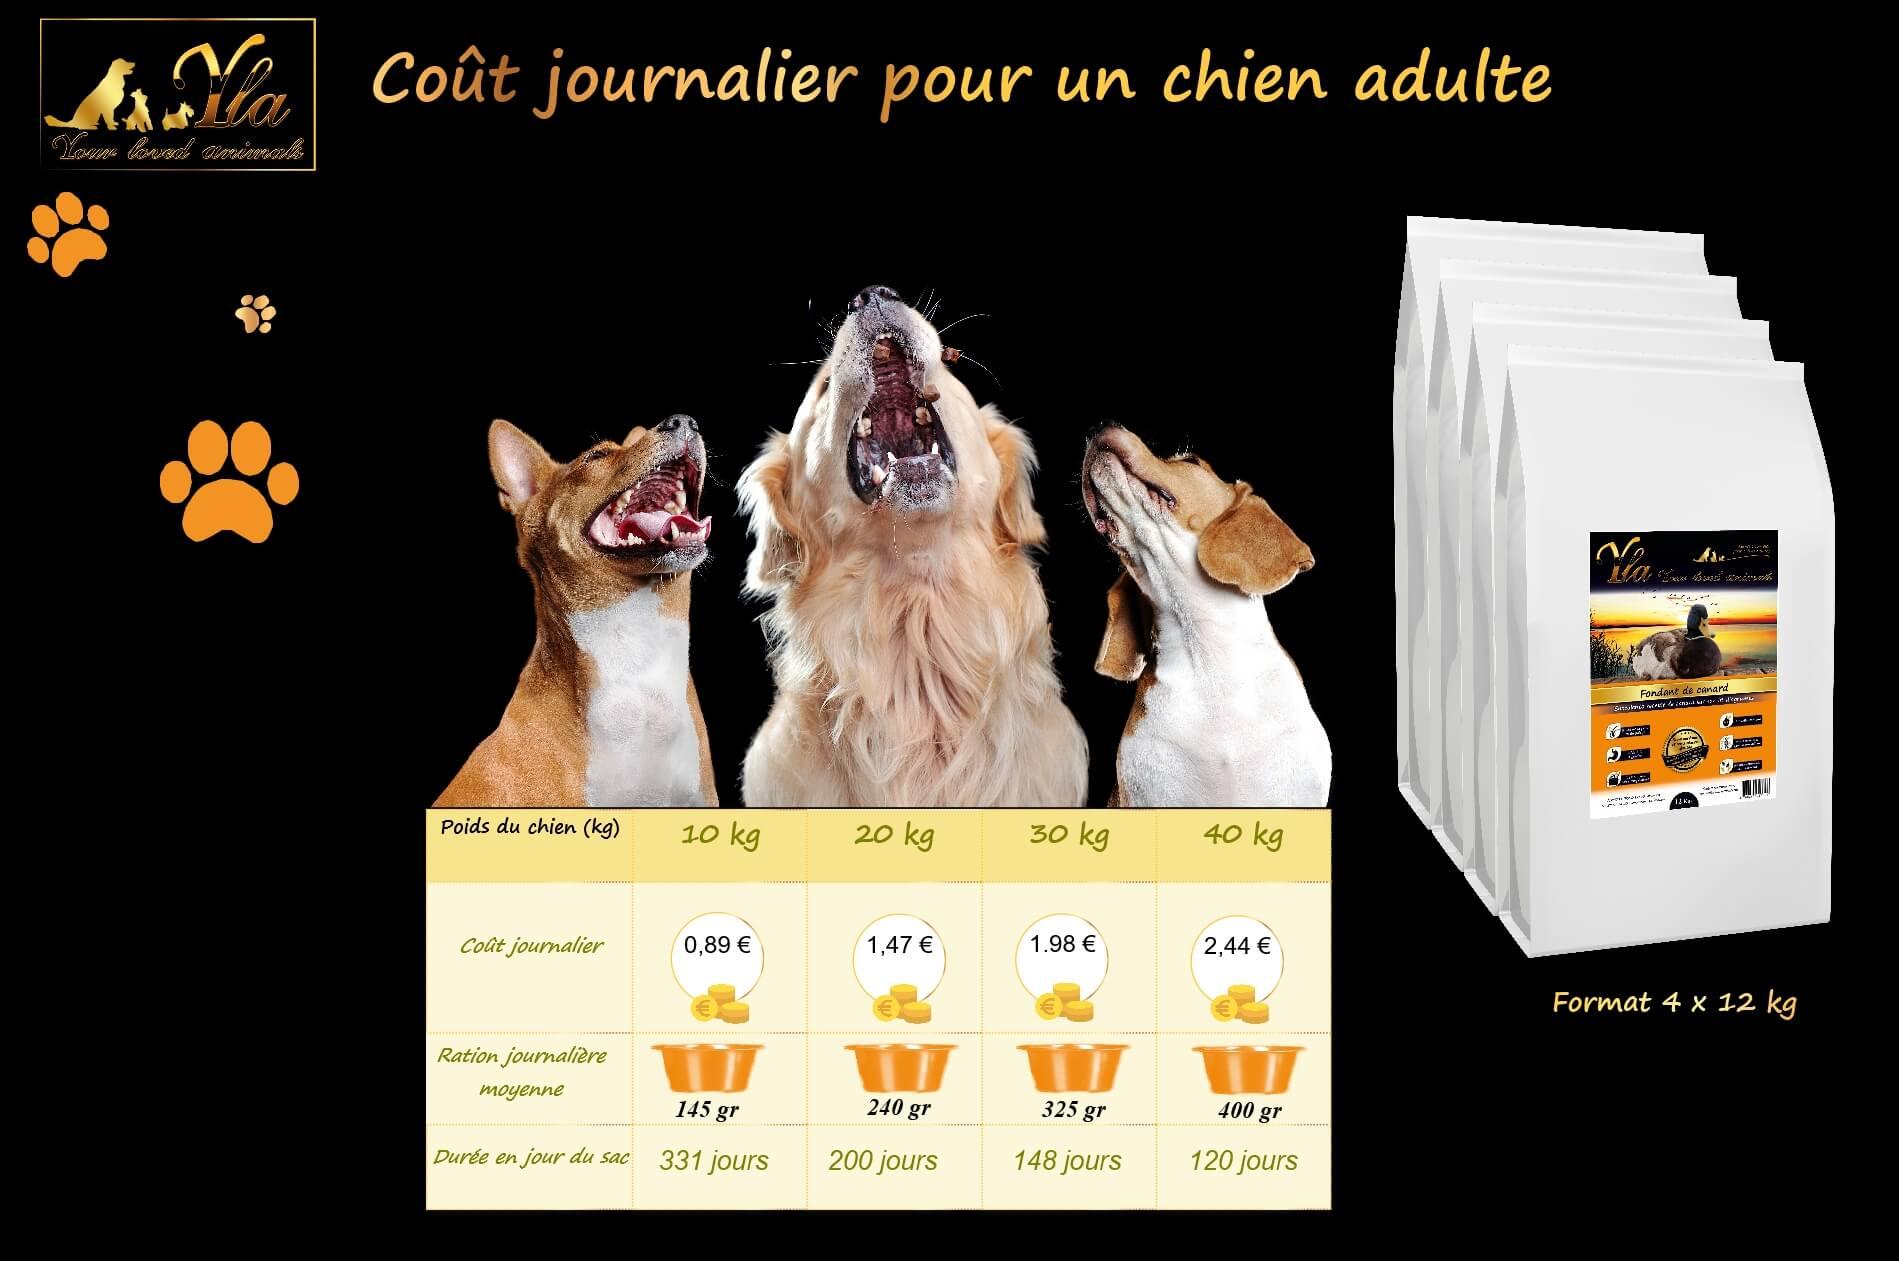 cout-journalier-croquette-chien